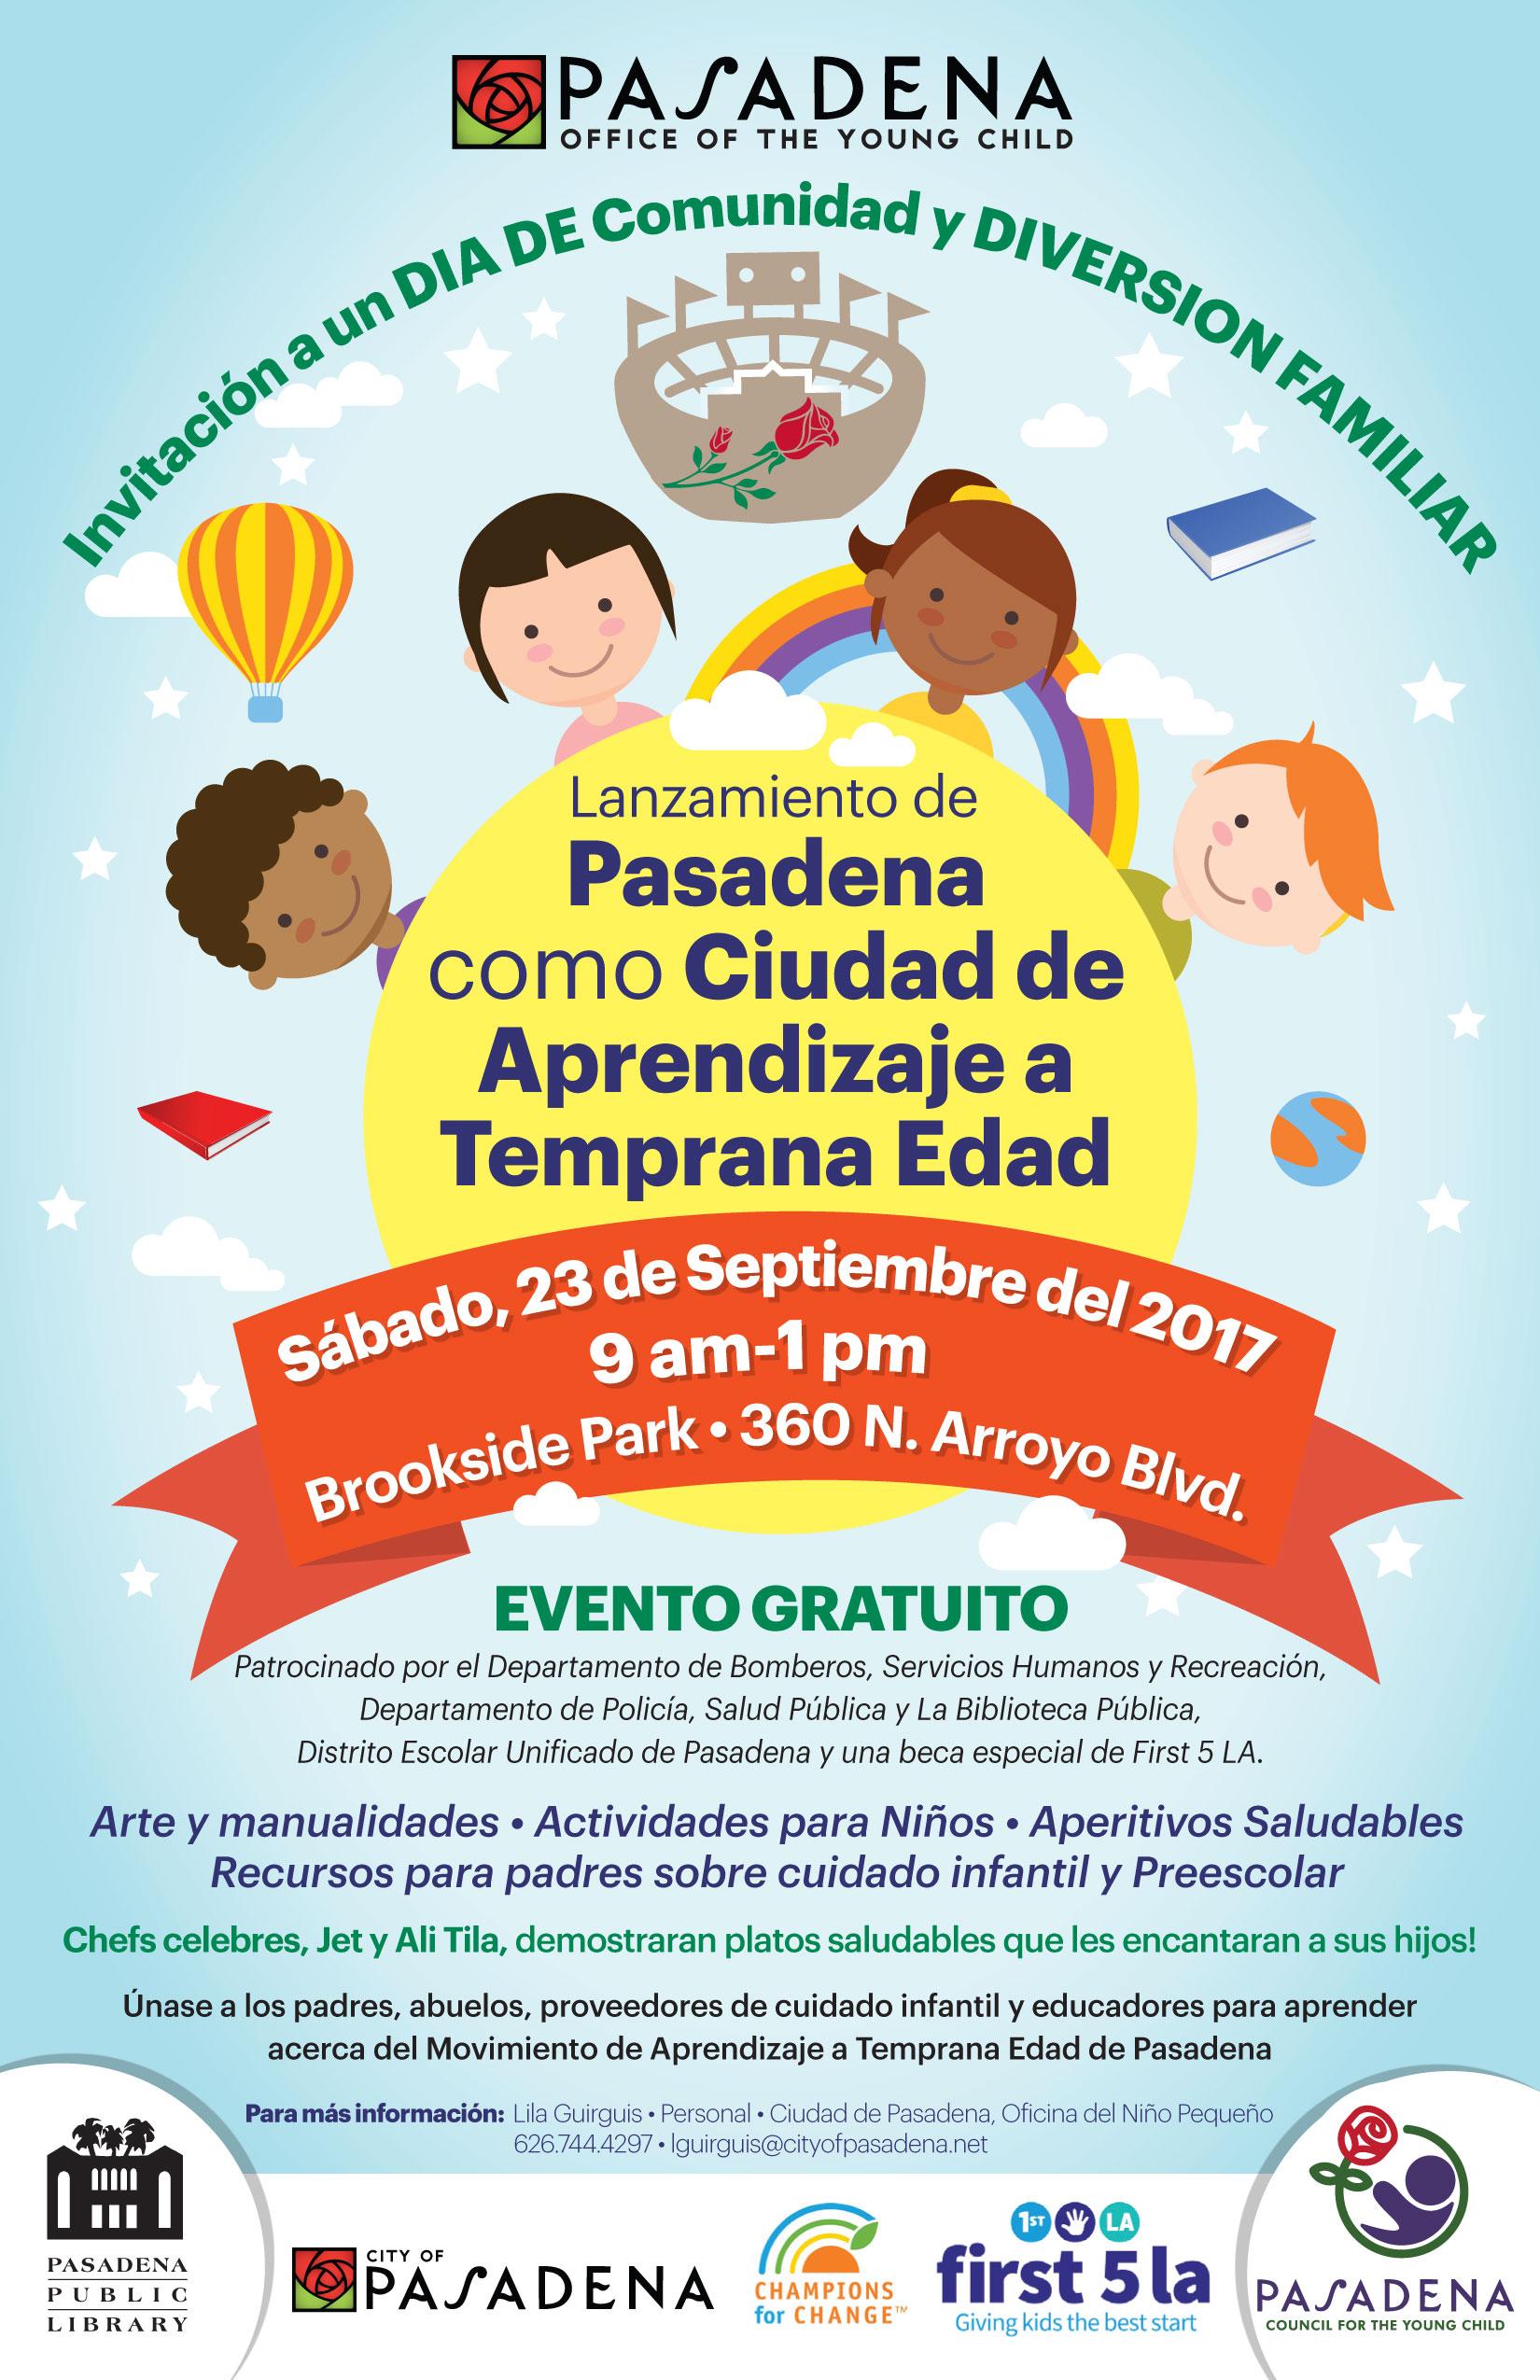 Lanzamiento de Pasadena como ciudad de aprendizaje a tempra edad, 23 Septiembre 2017